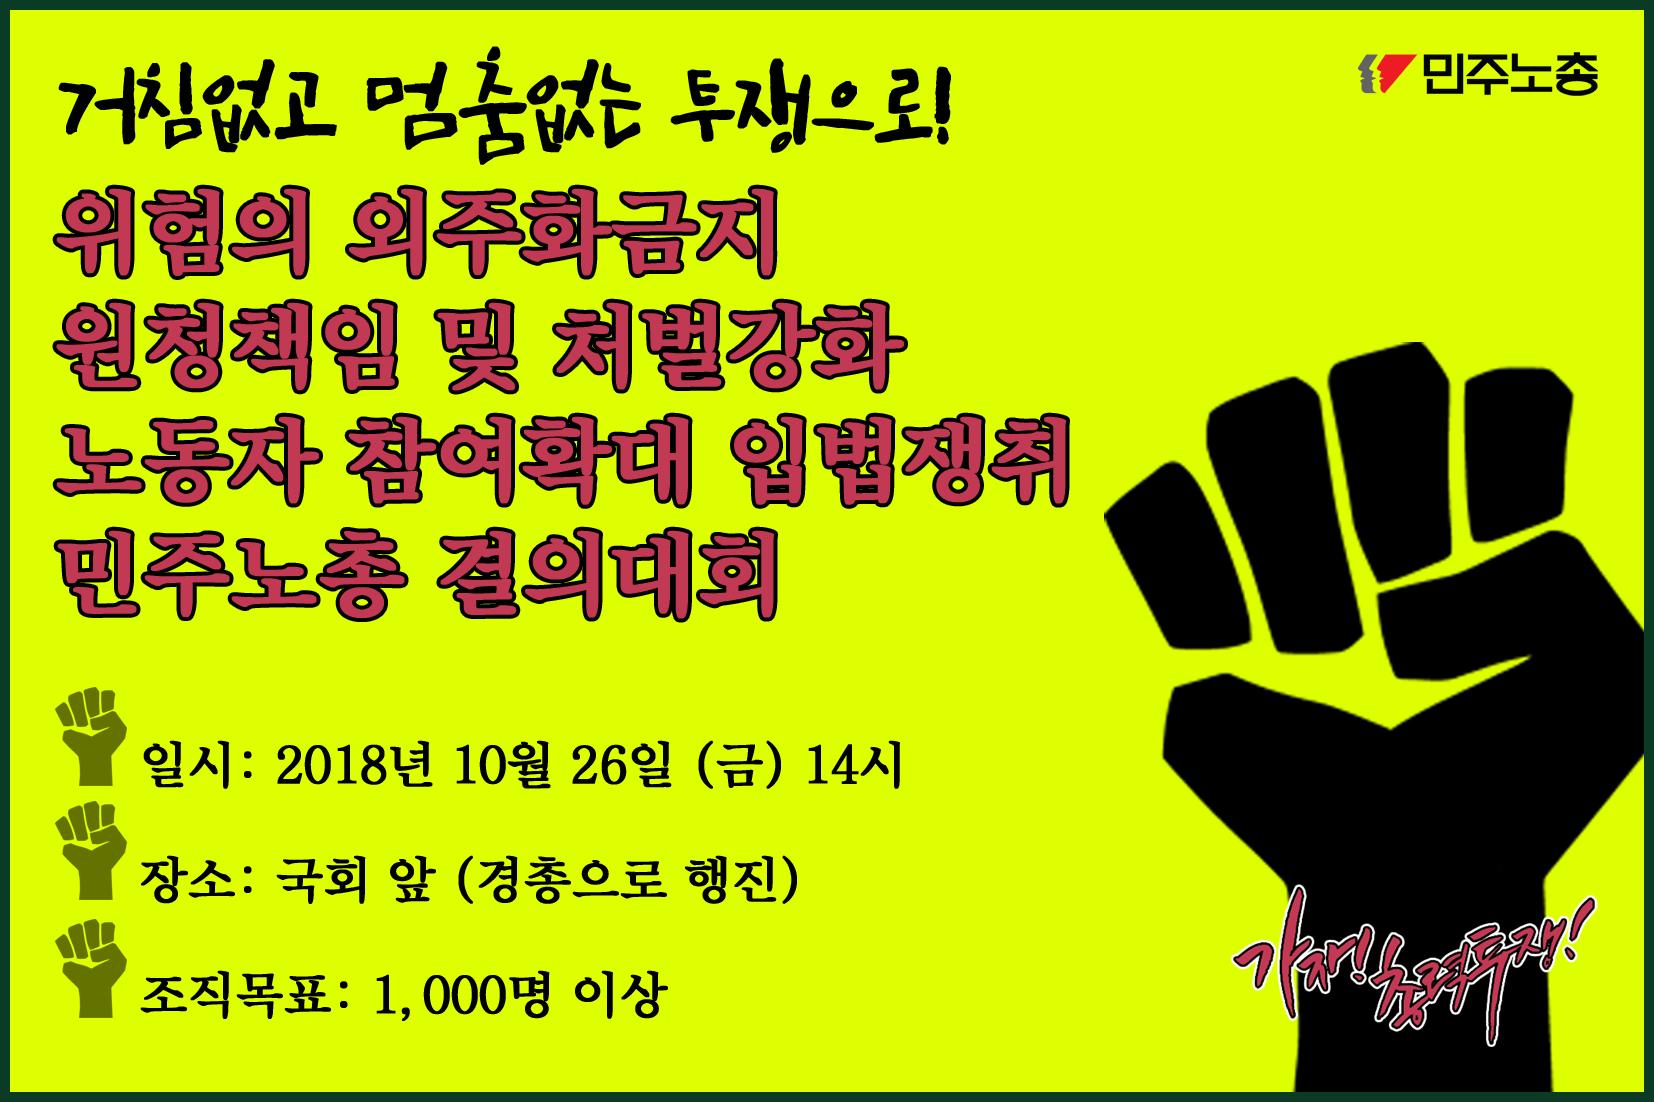 2018-1026_결의대회_웹자보.png